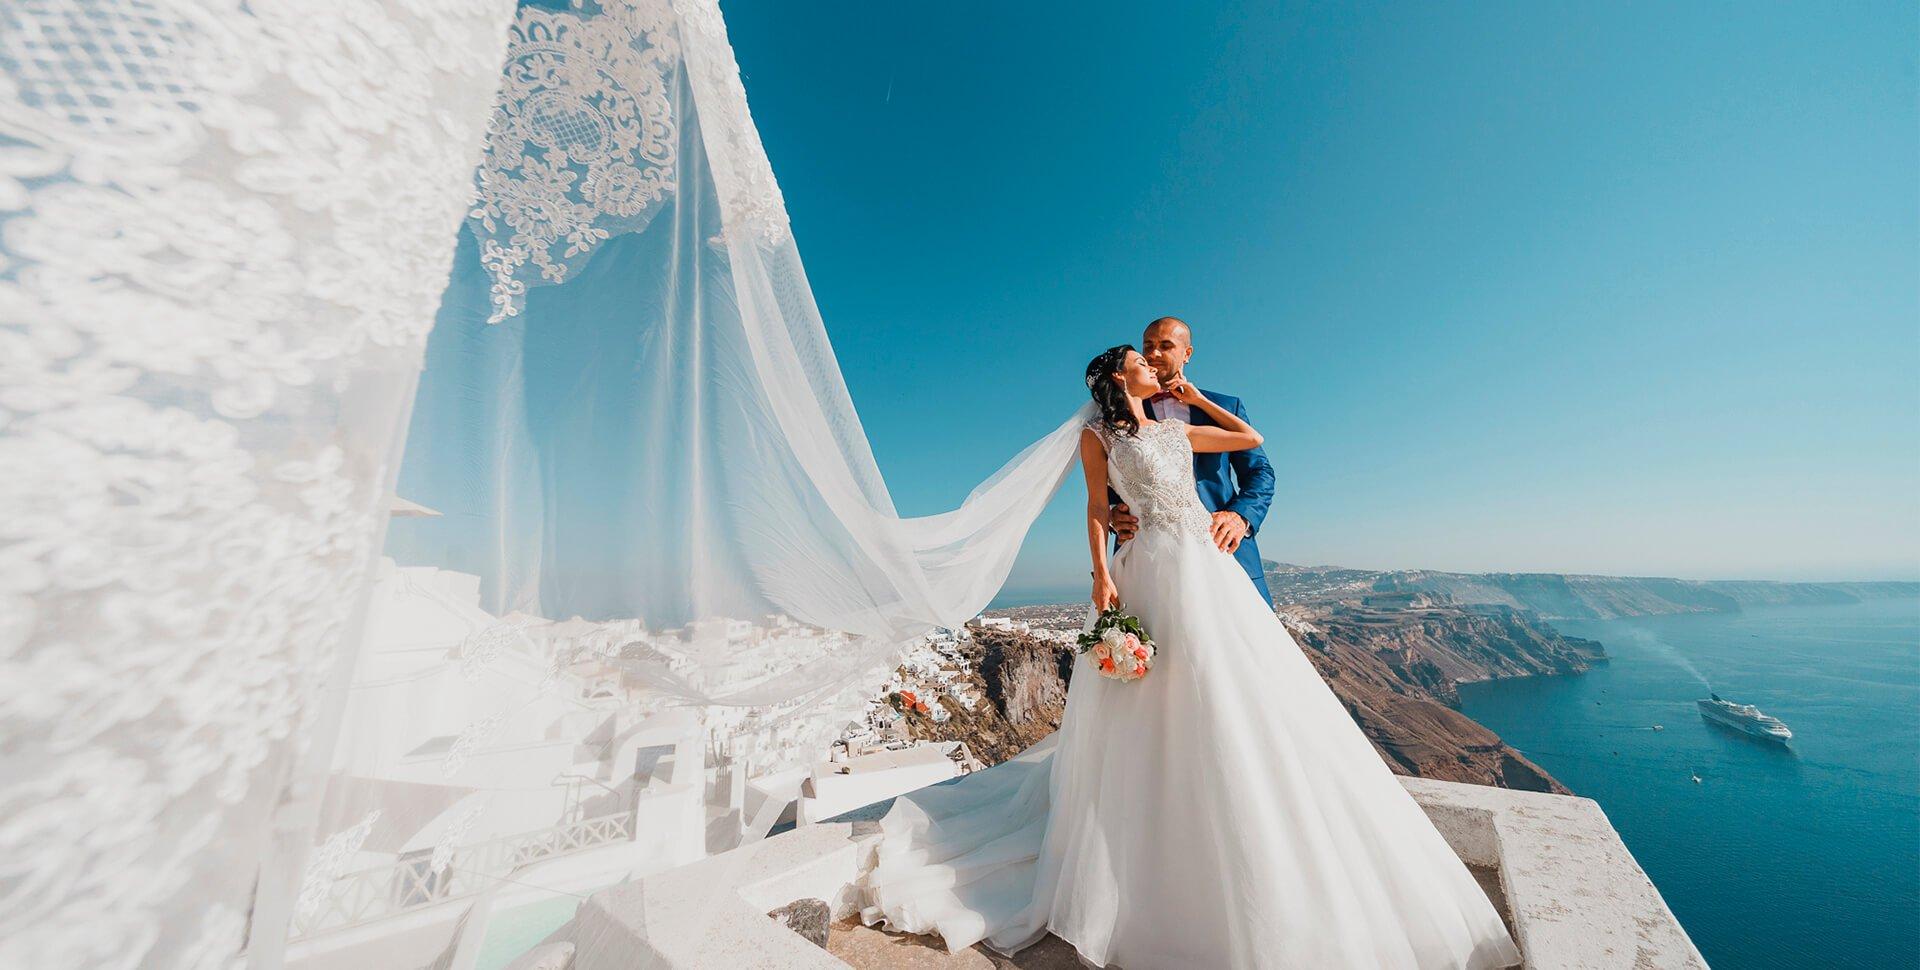 Организация свадьбы в Греции: от путешествия до фотосессии